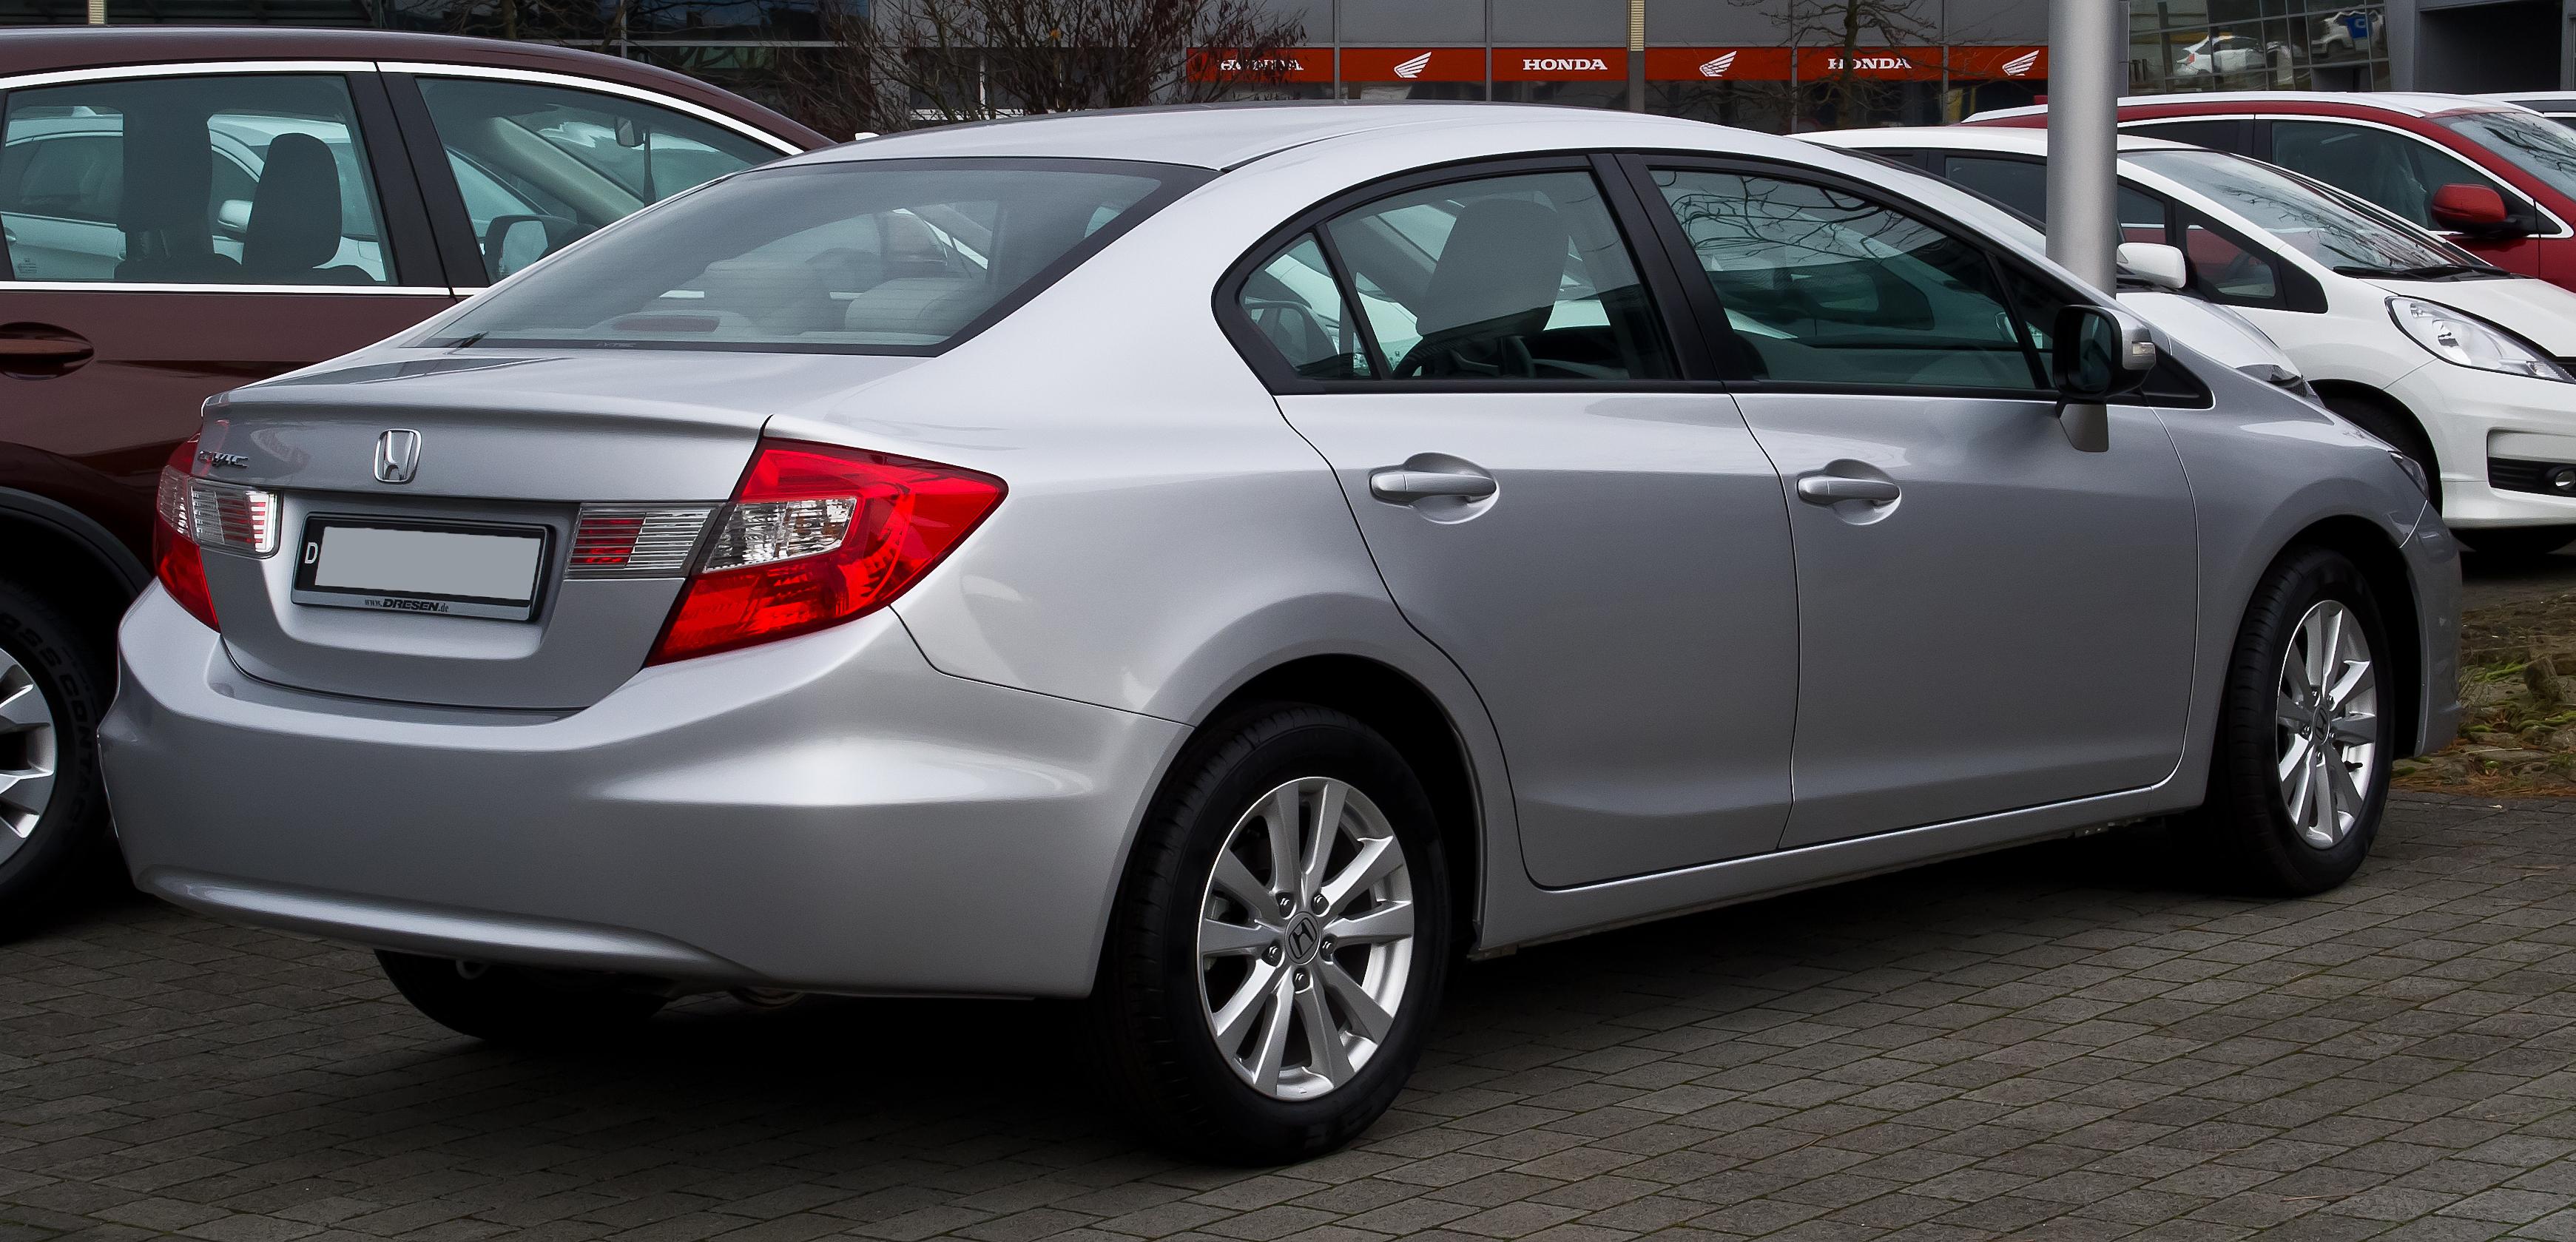 Honda City Car Price In Delhi